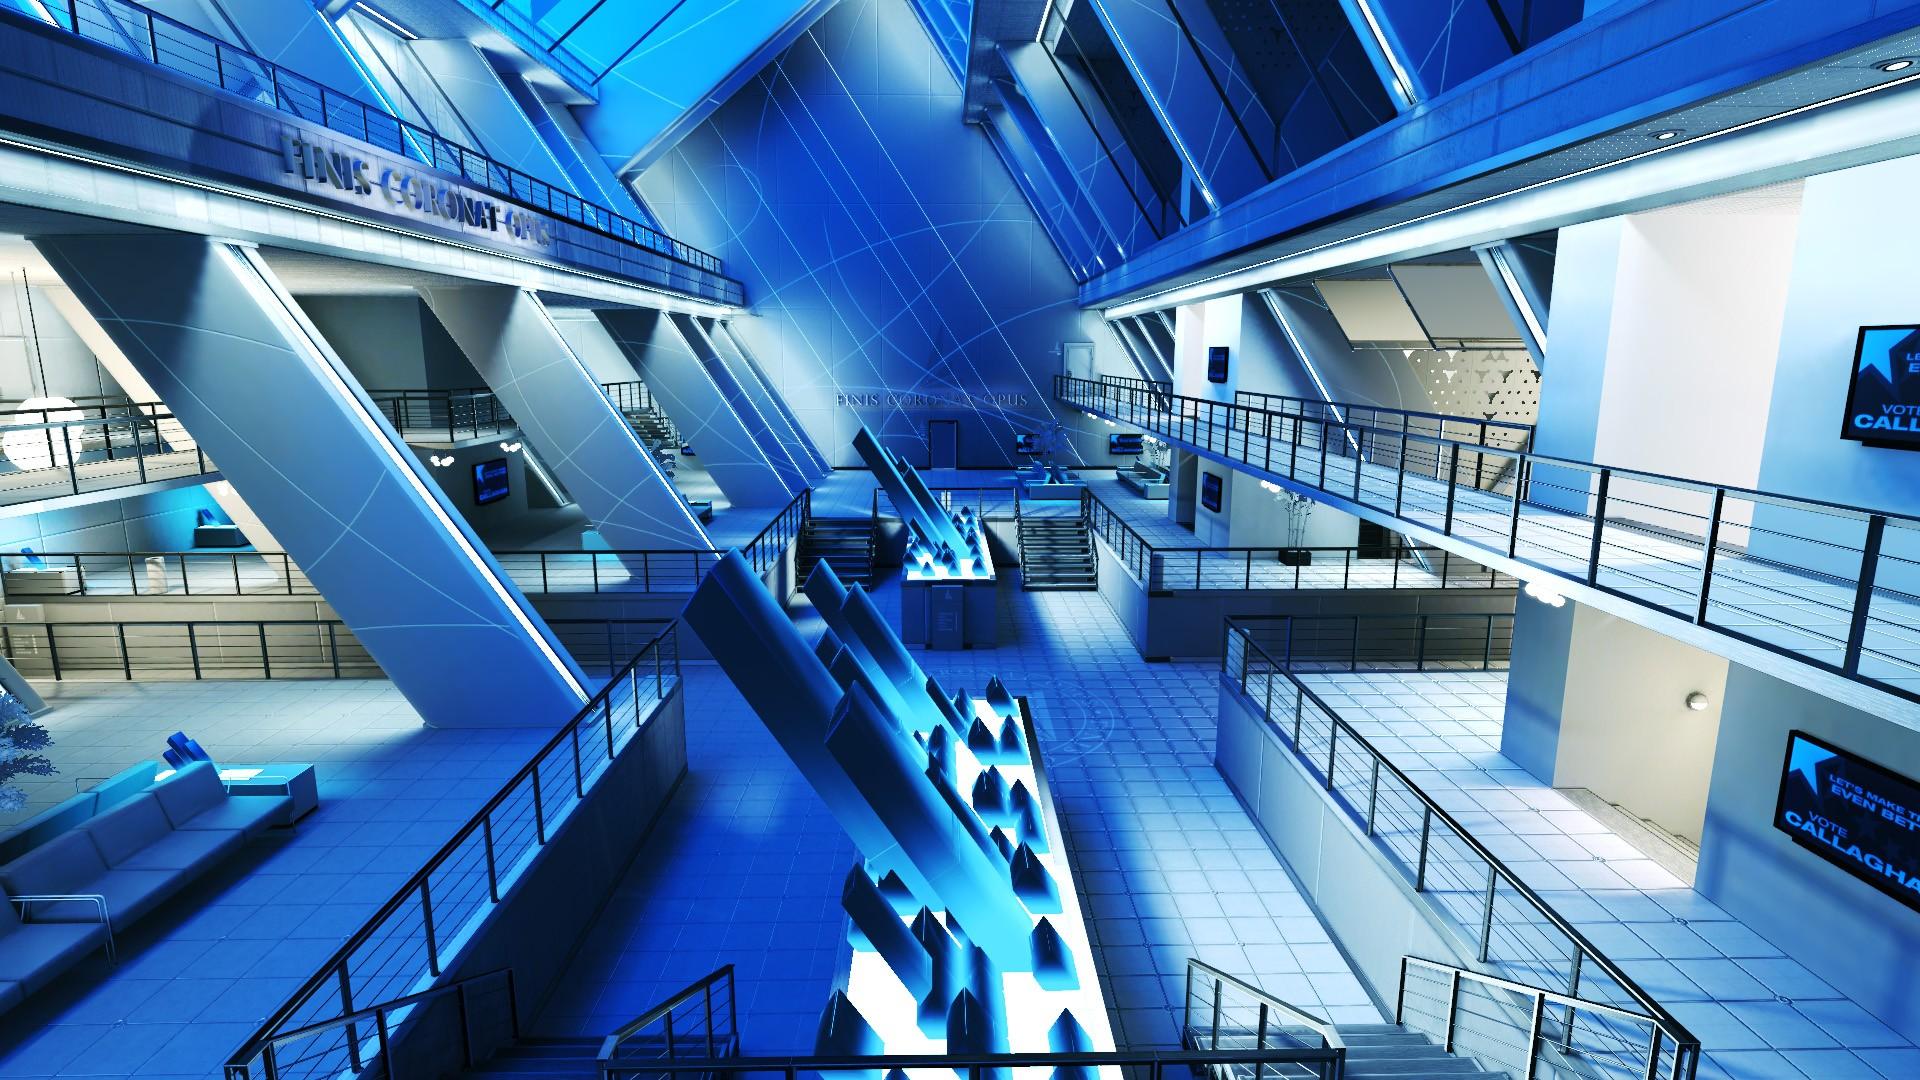 Futuristic City Wallpaper Hd: HD Future City Wallpaper